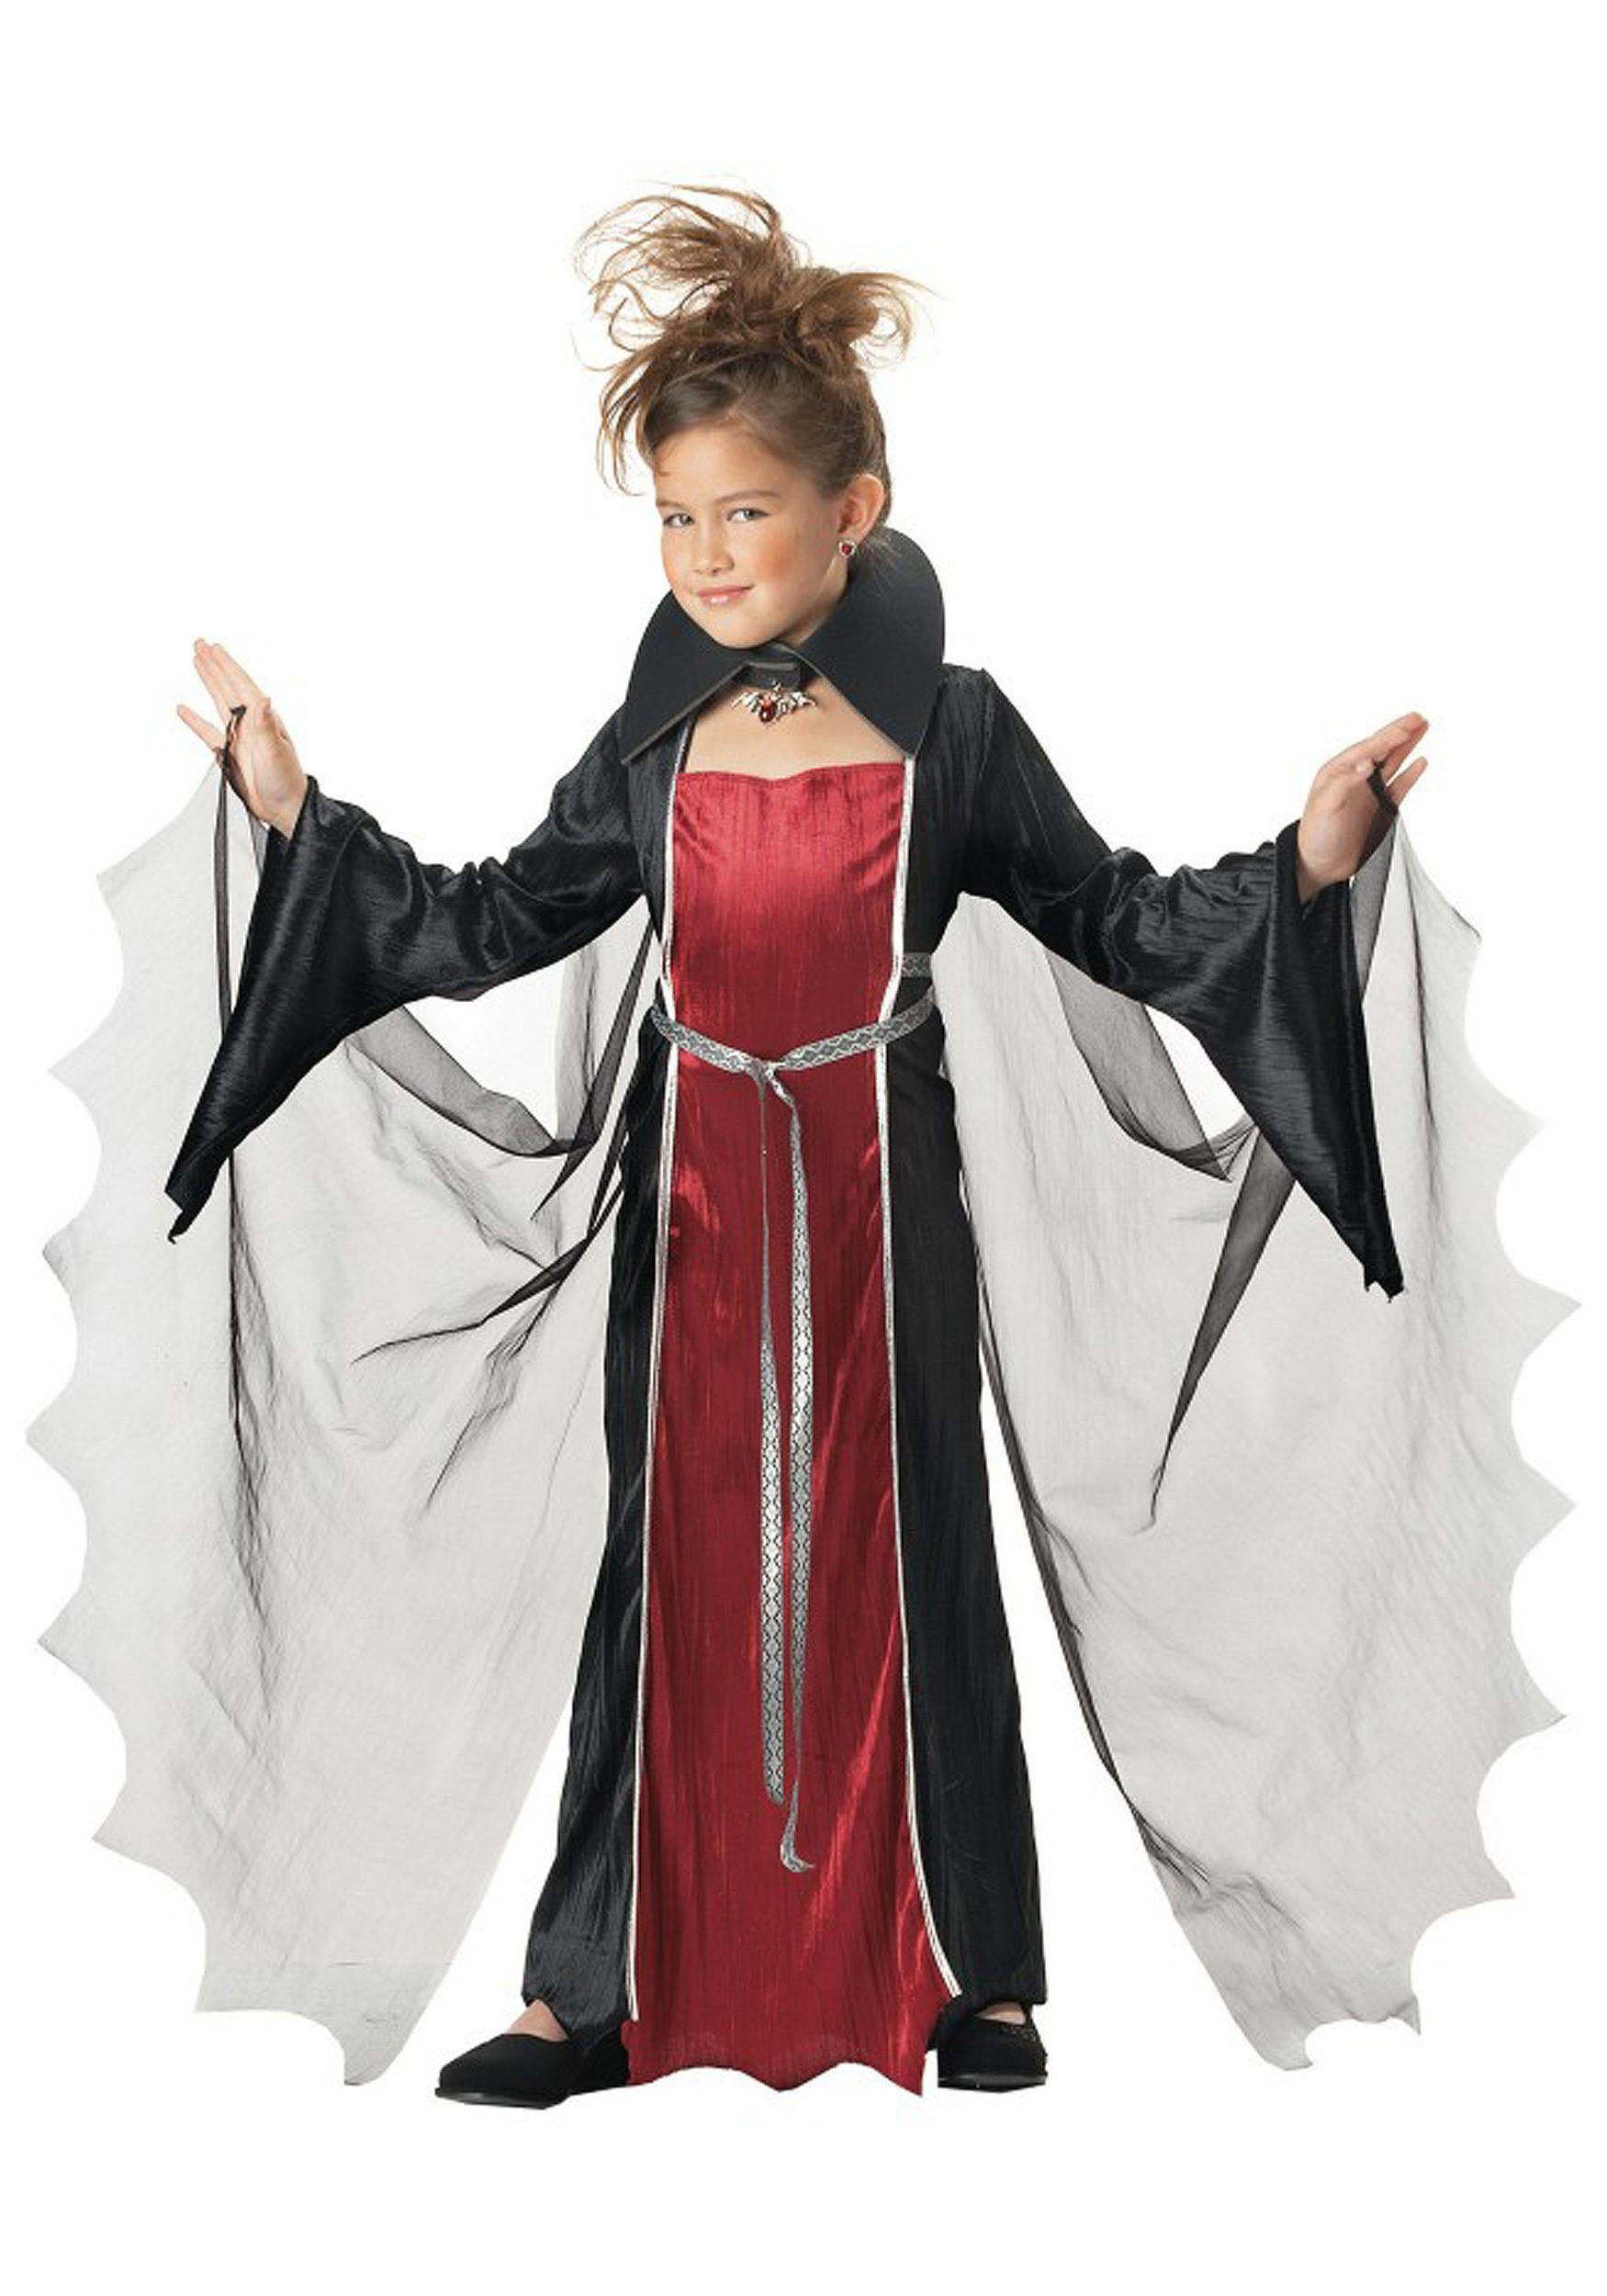 V&ire Costumes For Kids - HalloweenCostumes.com  sc 1 st  Pinterest & Vampire Costumes For Kids - HalloweenCostumes.com   Clothes for ...